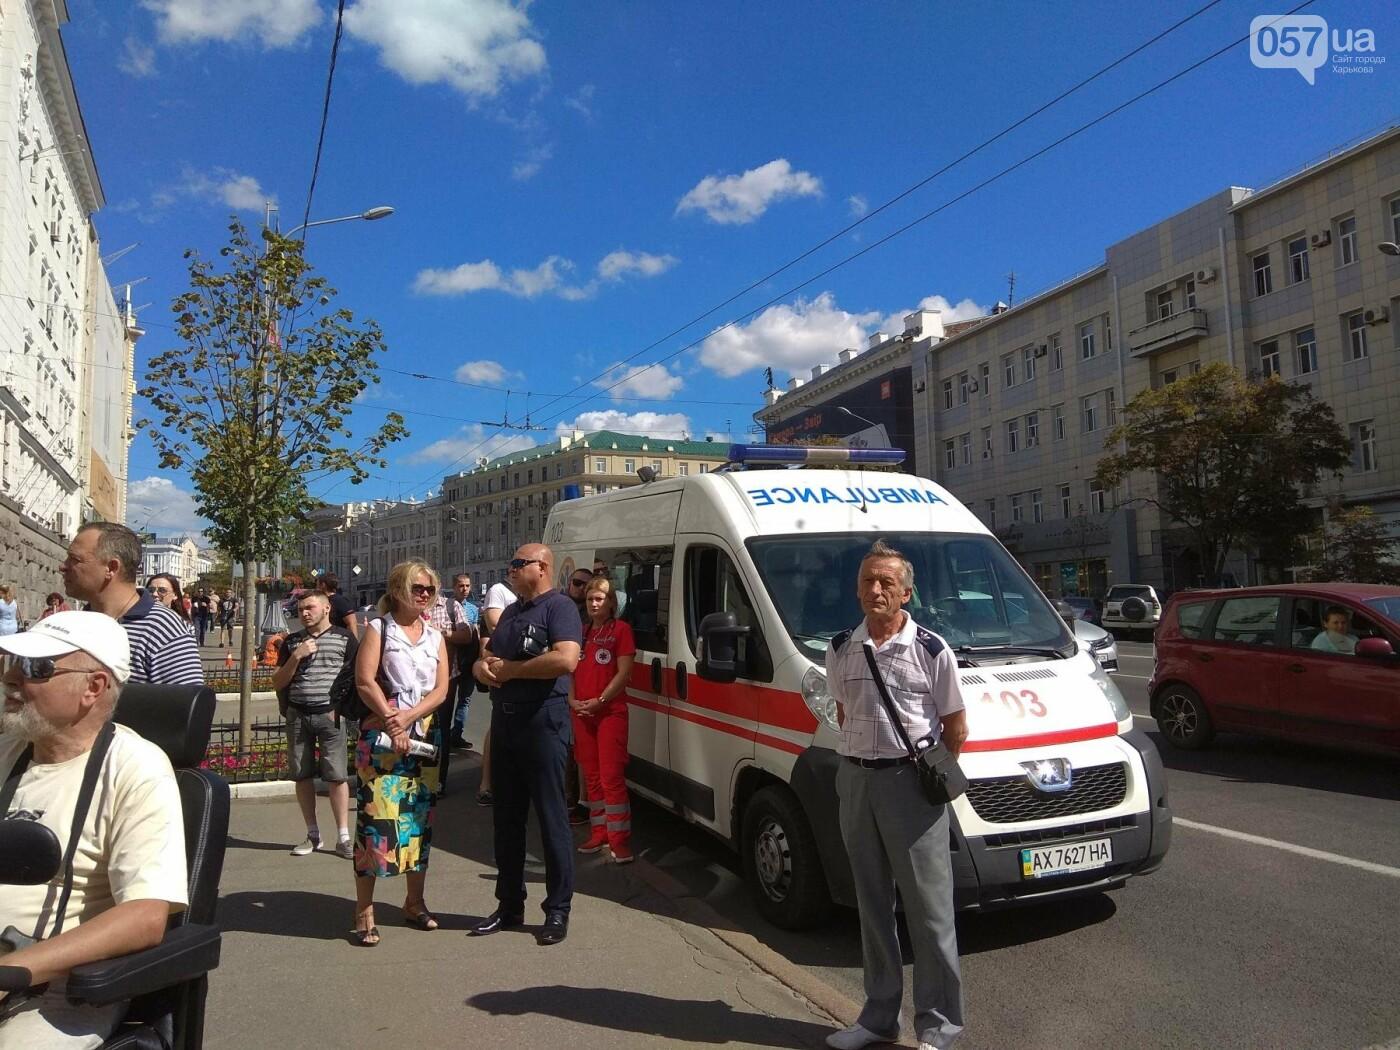 «Дайте инсулин». В Харькове пациенты с сахарным диабетом вышли на пикет под мэрию, - ФОТО, фото-7